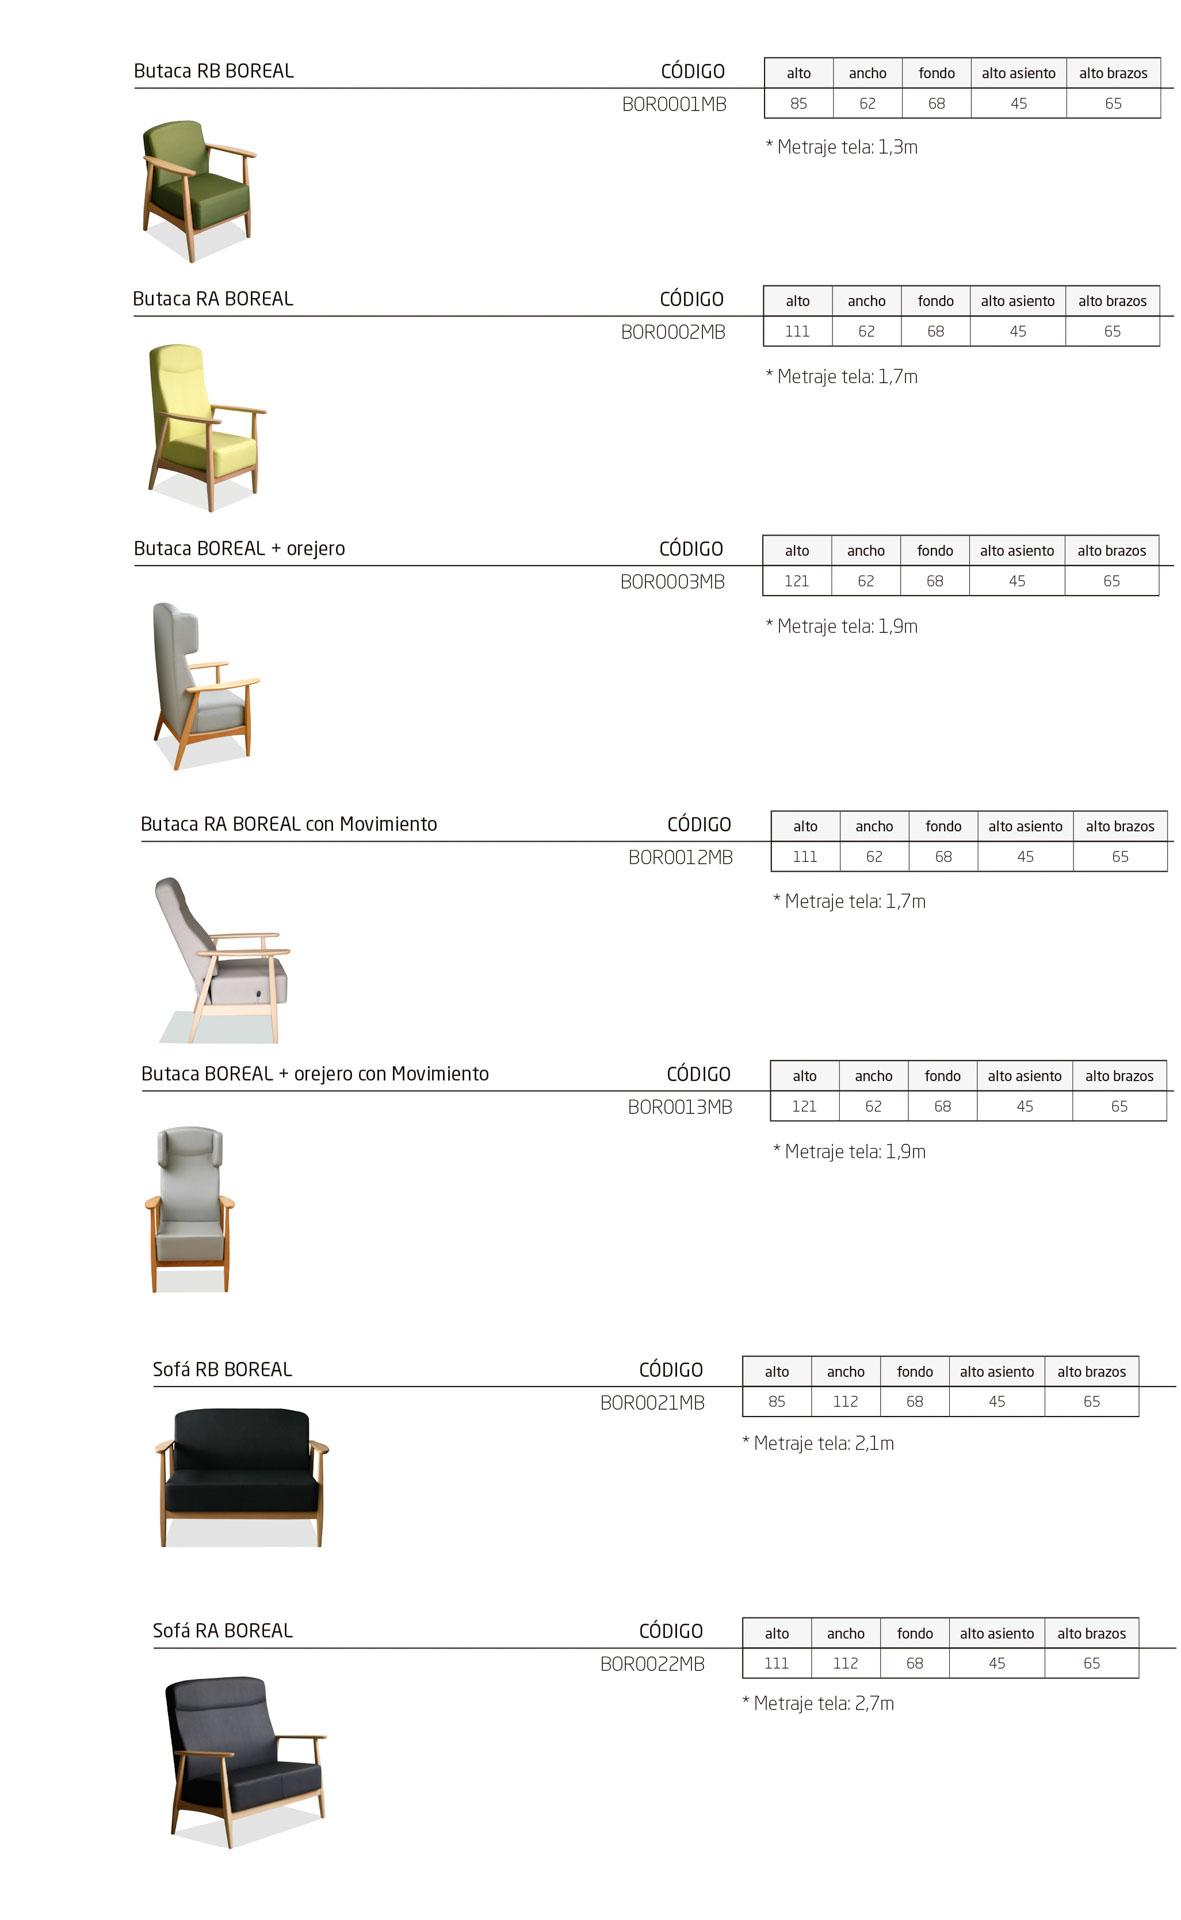 Modelos de la colección BOREAL, butacas tradicionales para instalación geriátrica.